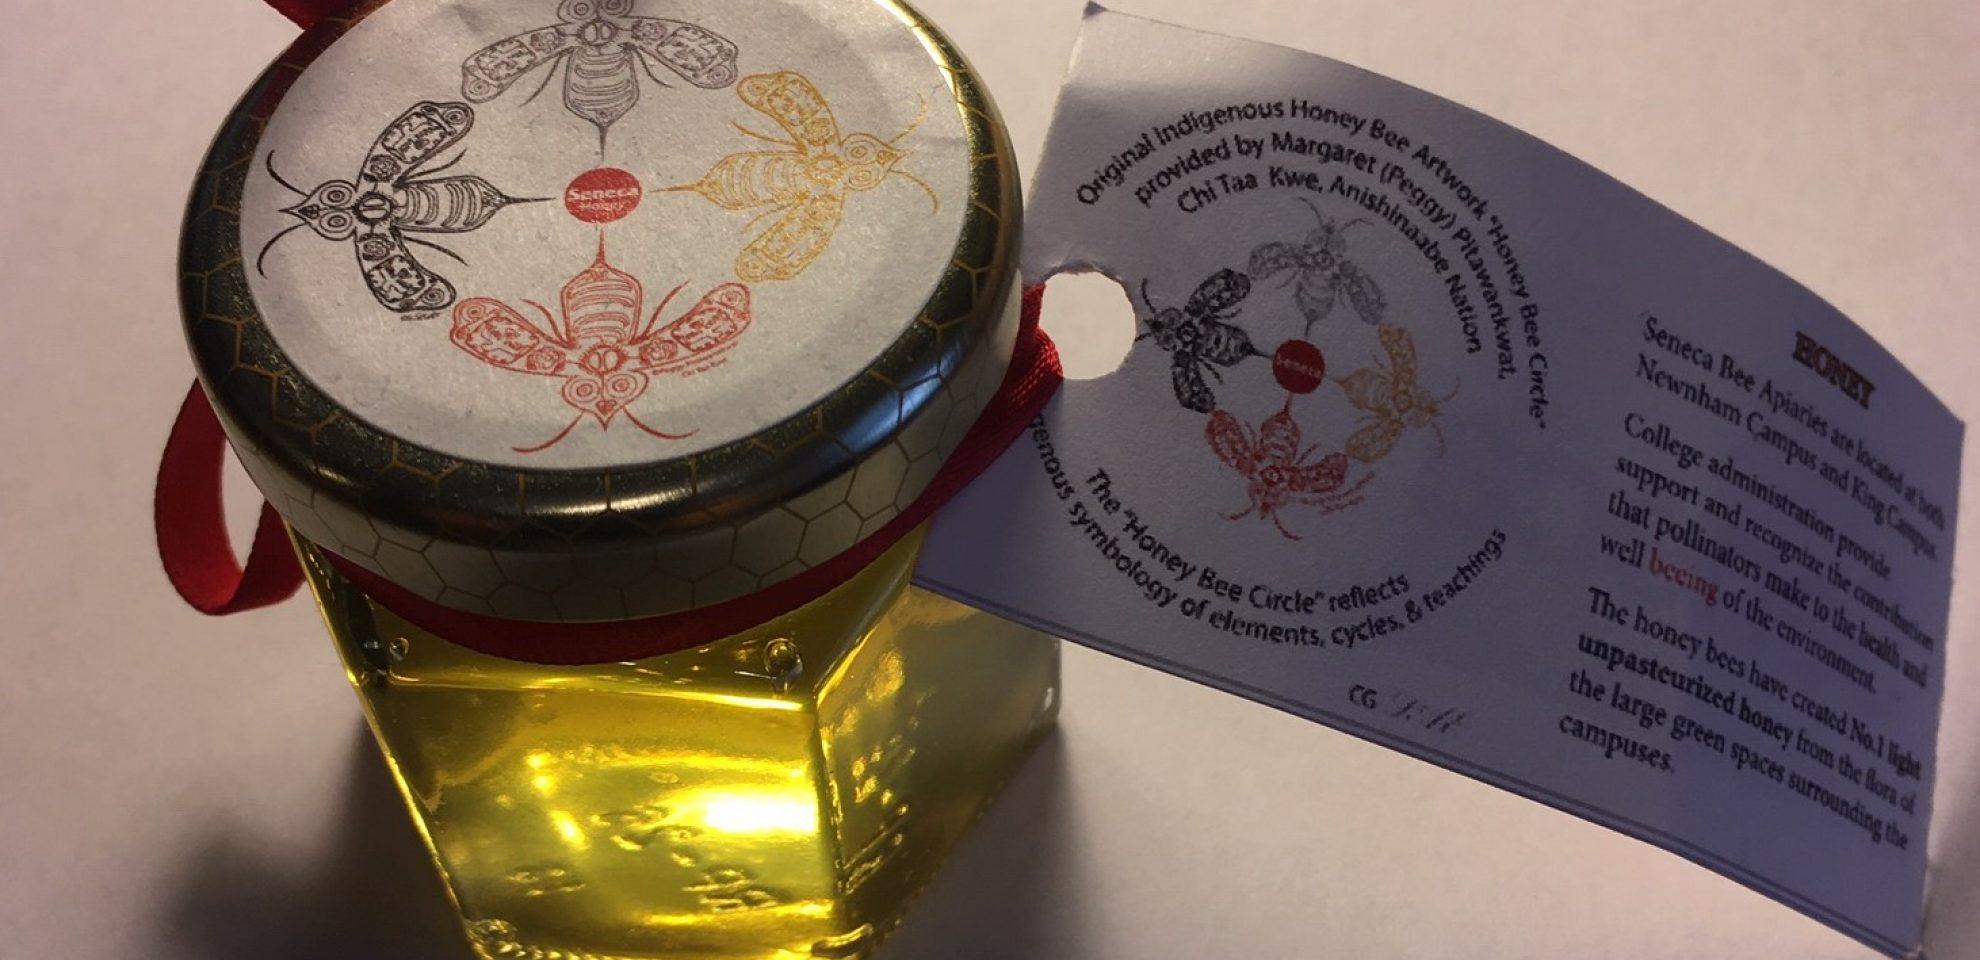 Seneca honey jar